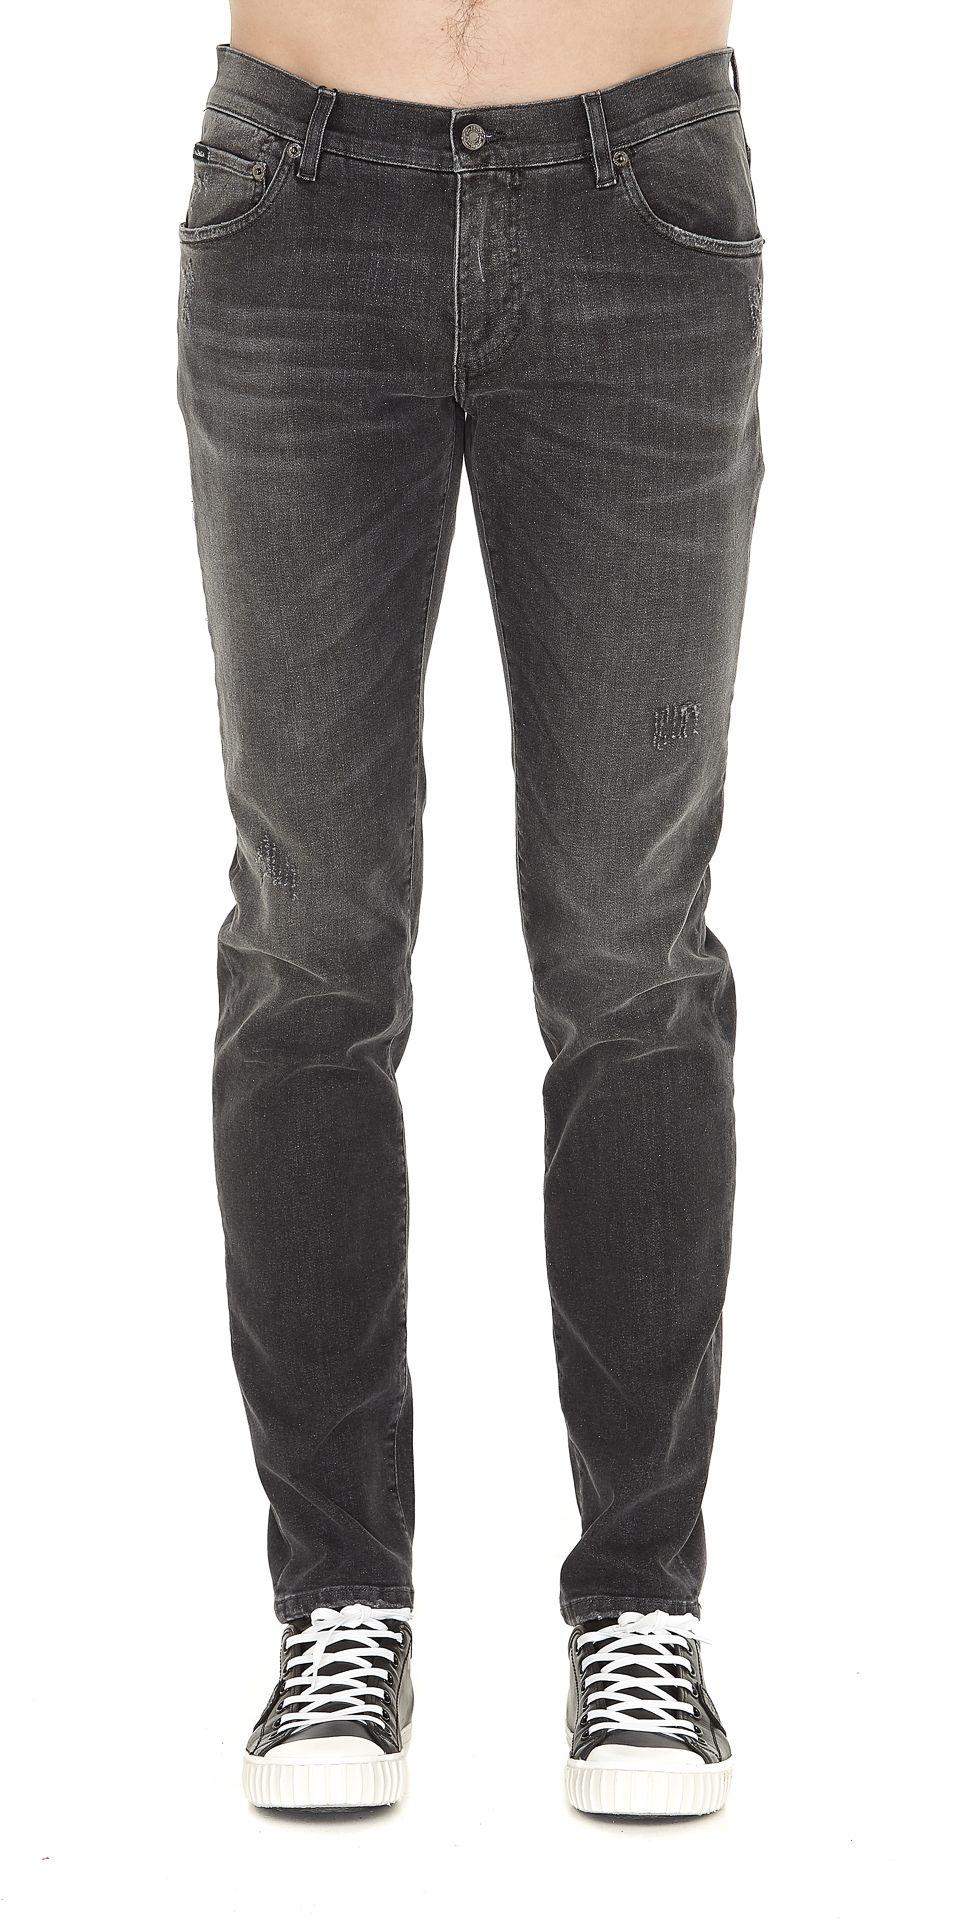 Dolce & Gabbana Jeans 10402748